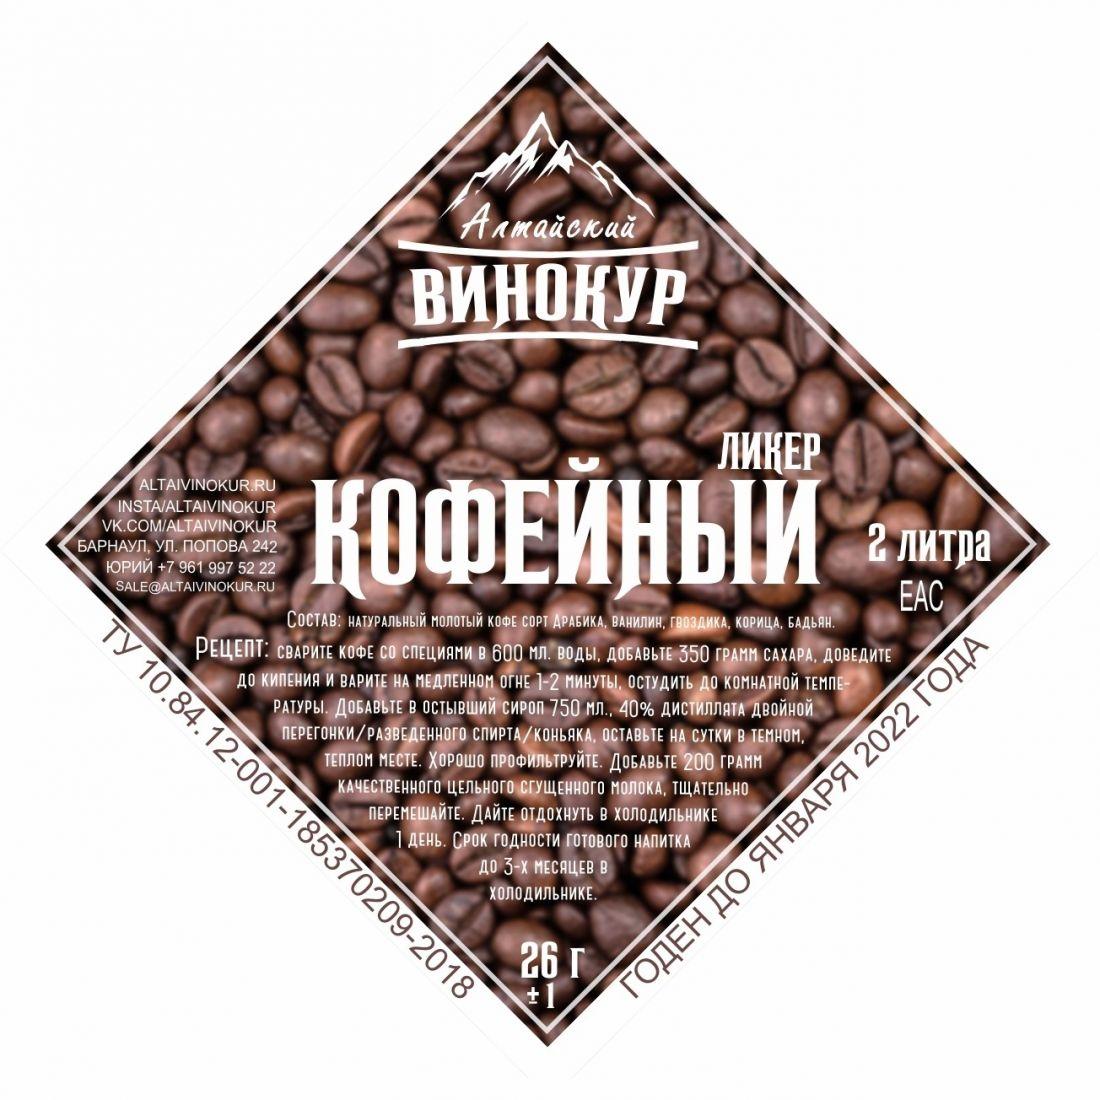 Настойка Кофейный ликер, набор трав (Алтайский Винокур)